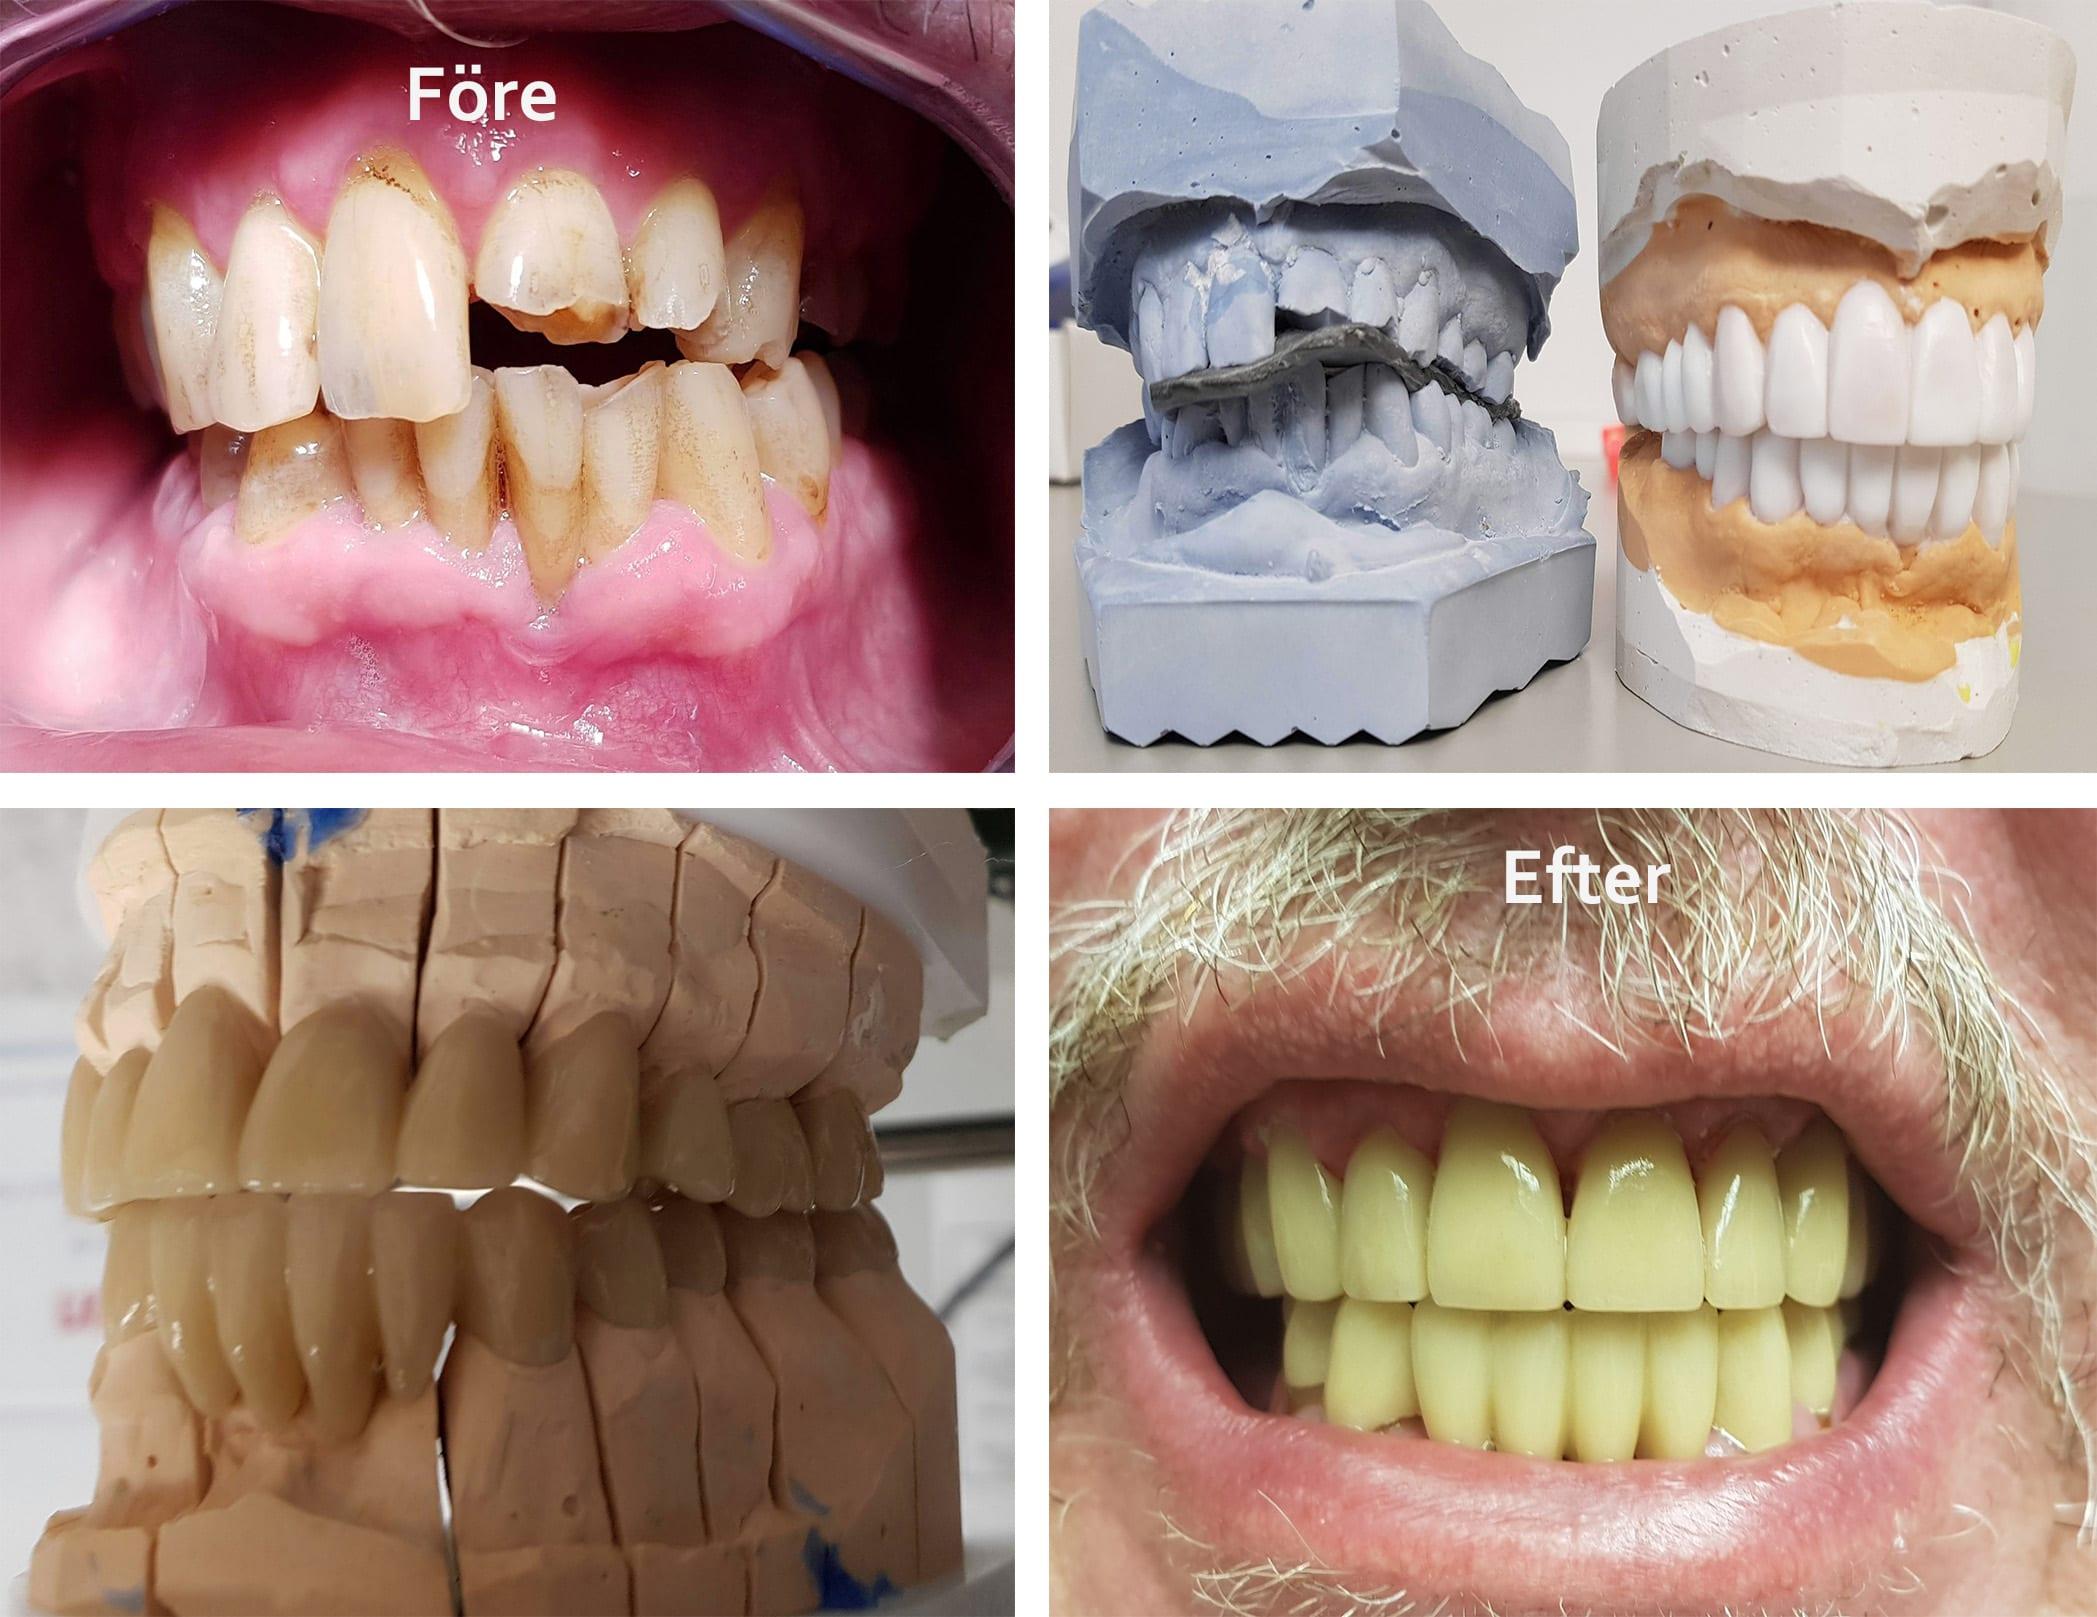 Före och efter bilder på tänder som blivit fixade